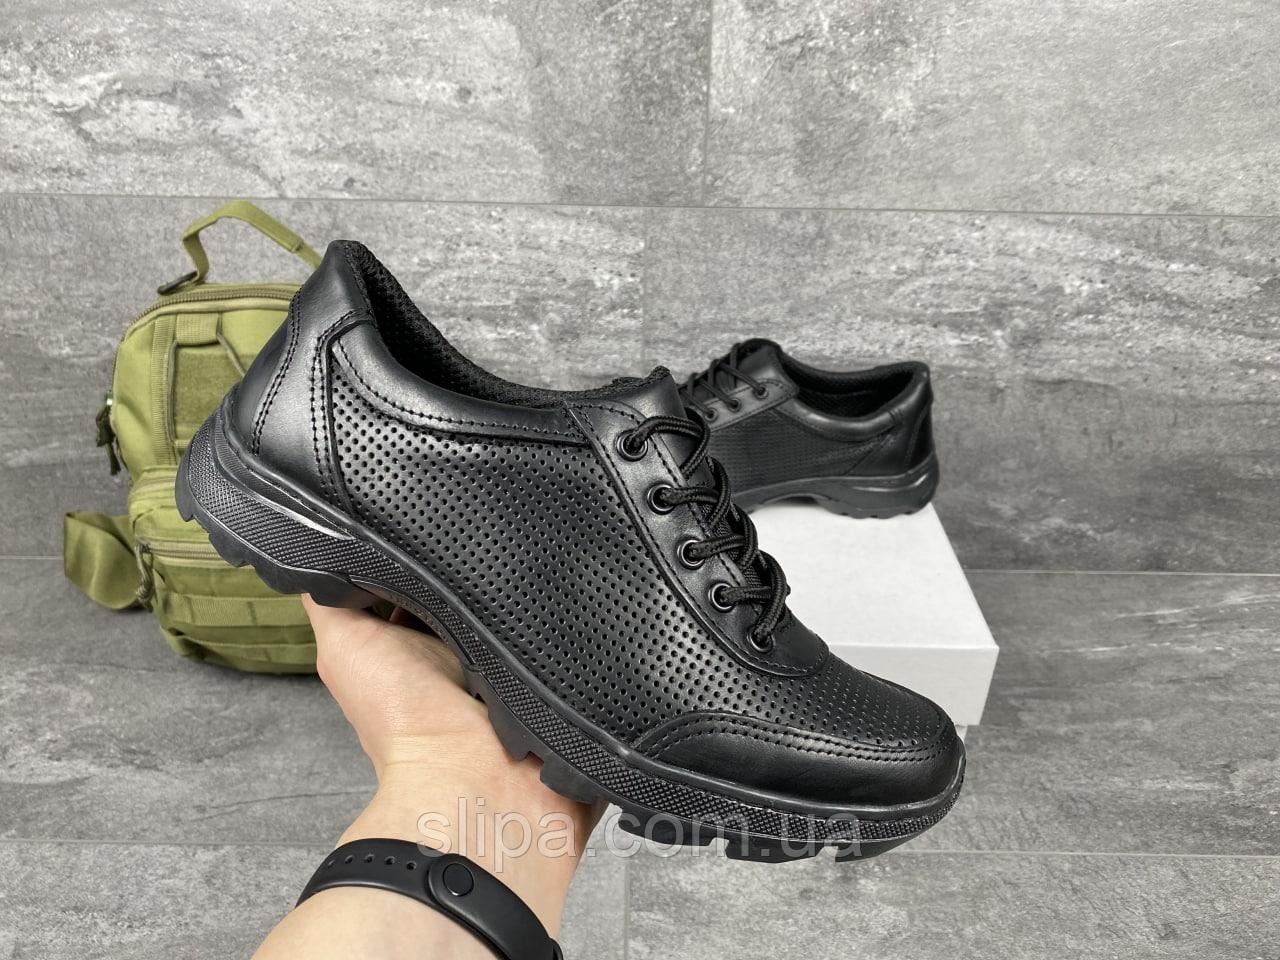 Чорні перфоровані тактичні шкіряні кросівки | Україна | натуральна шкіра + поліуретан | прошиті